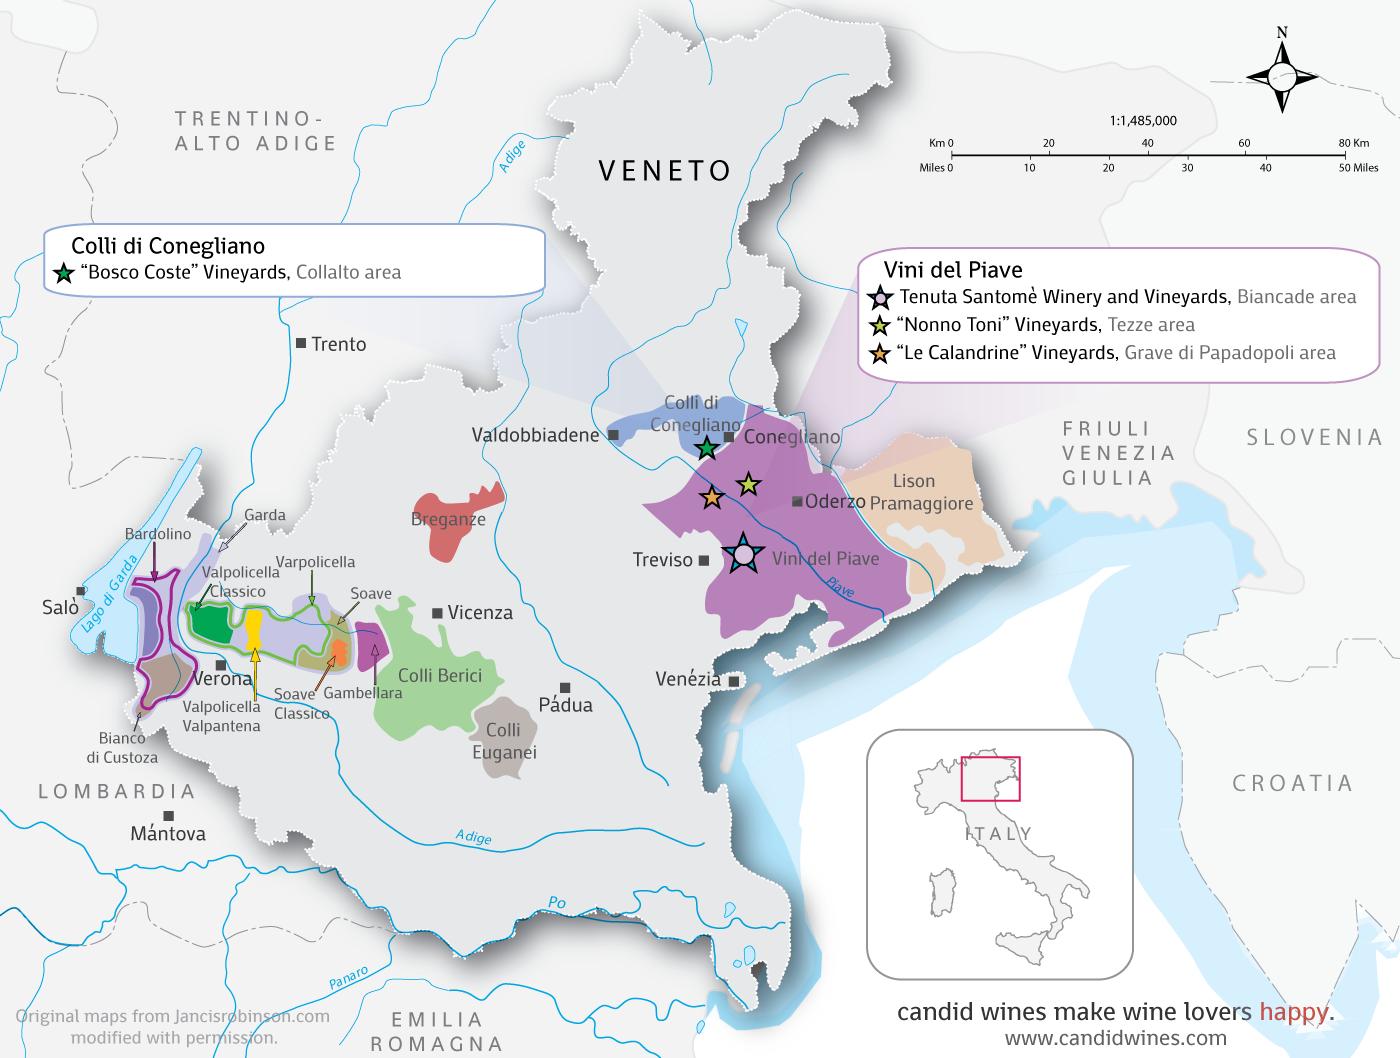 Links boven Verone het  gebied dat vele Valpolicello Classico wijnen voortbrengt